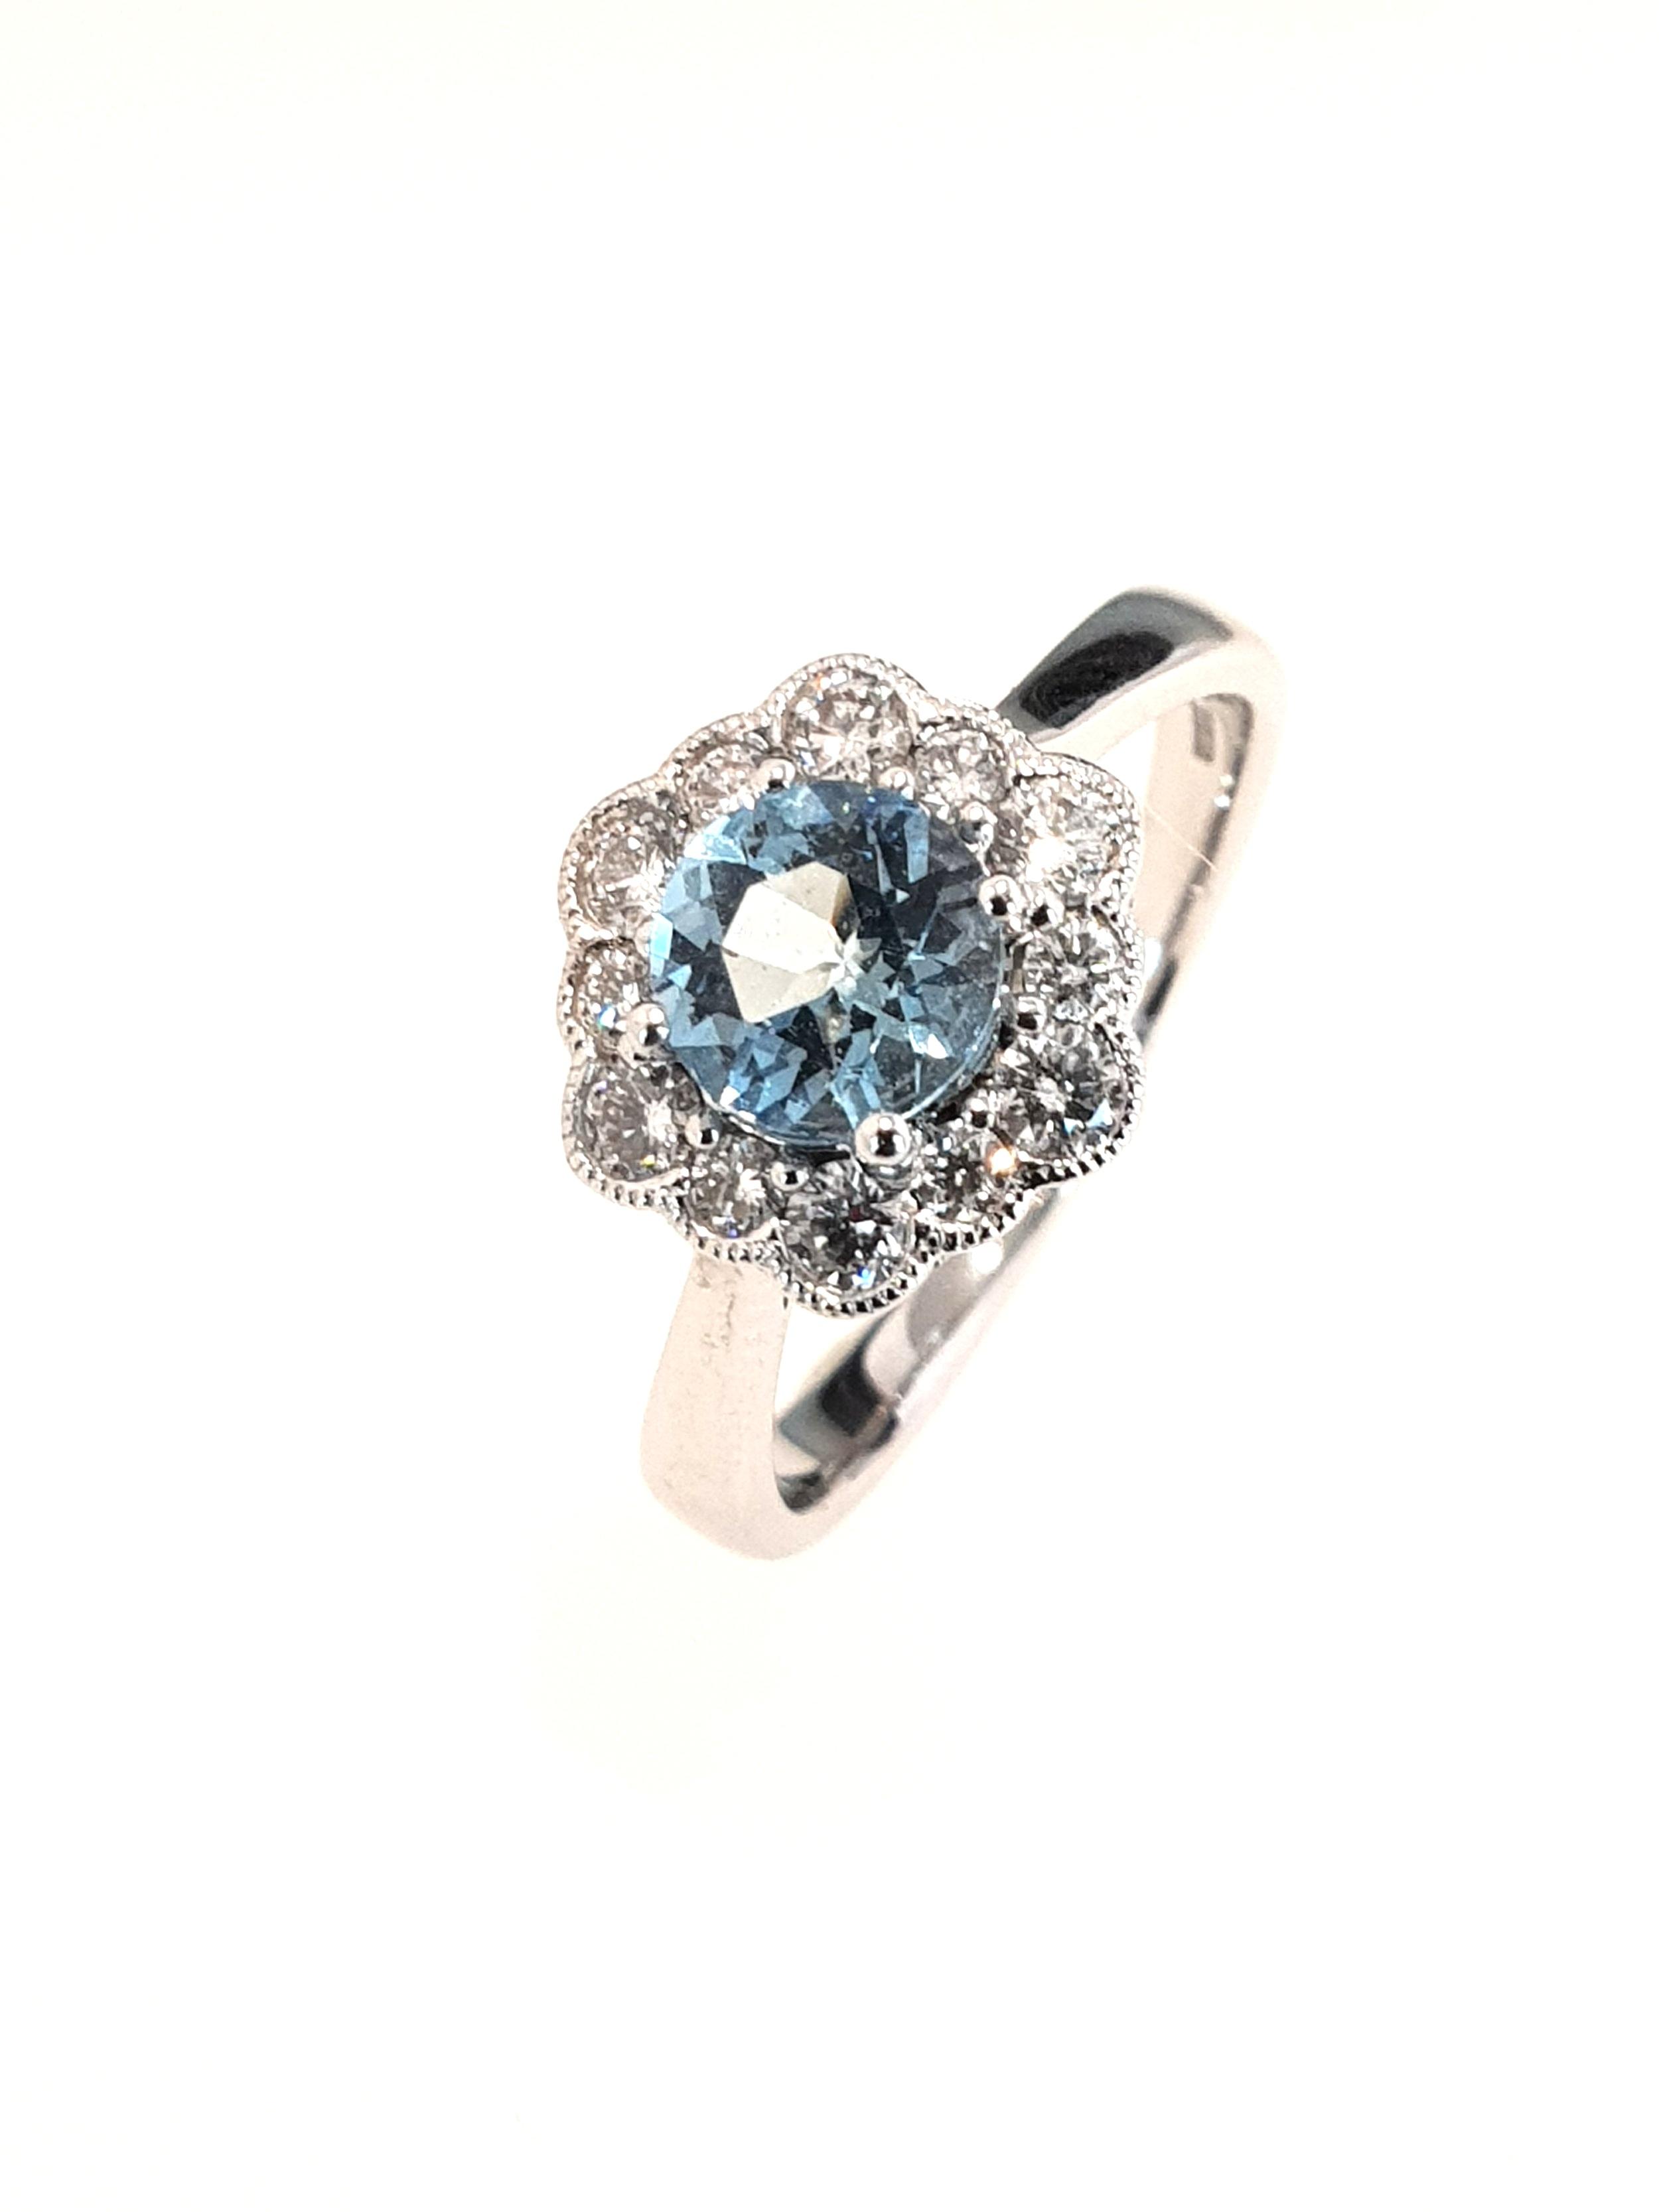 18ct White Gold Aquamarine(.67ct) & Diamond Ring  Diamond: .20ct, G, Si1  Stock Code: N8948  £1650